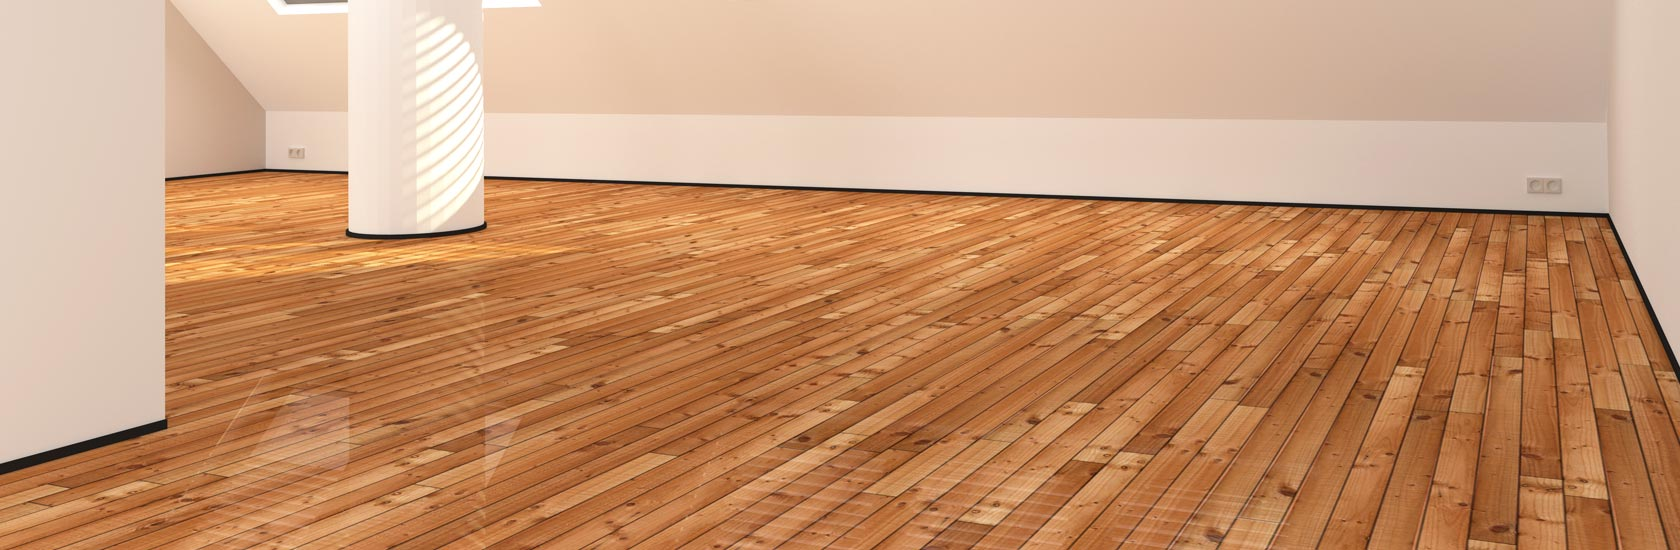 Parkettboden  Parkettböden - Parkettboden legen einen Holzboden | Schreinerei ...